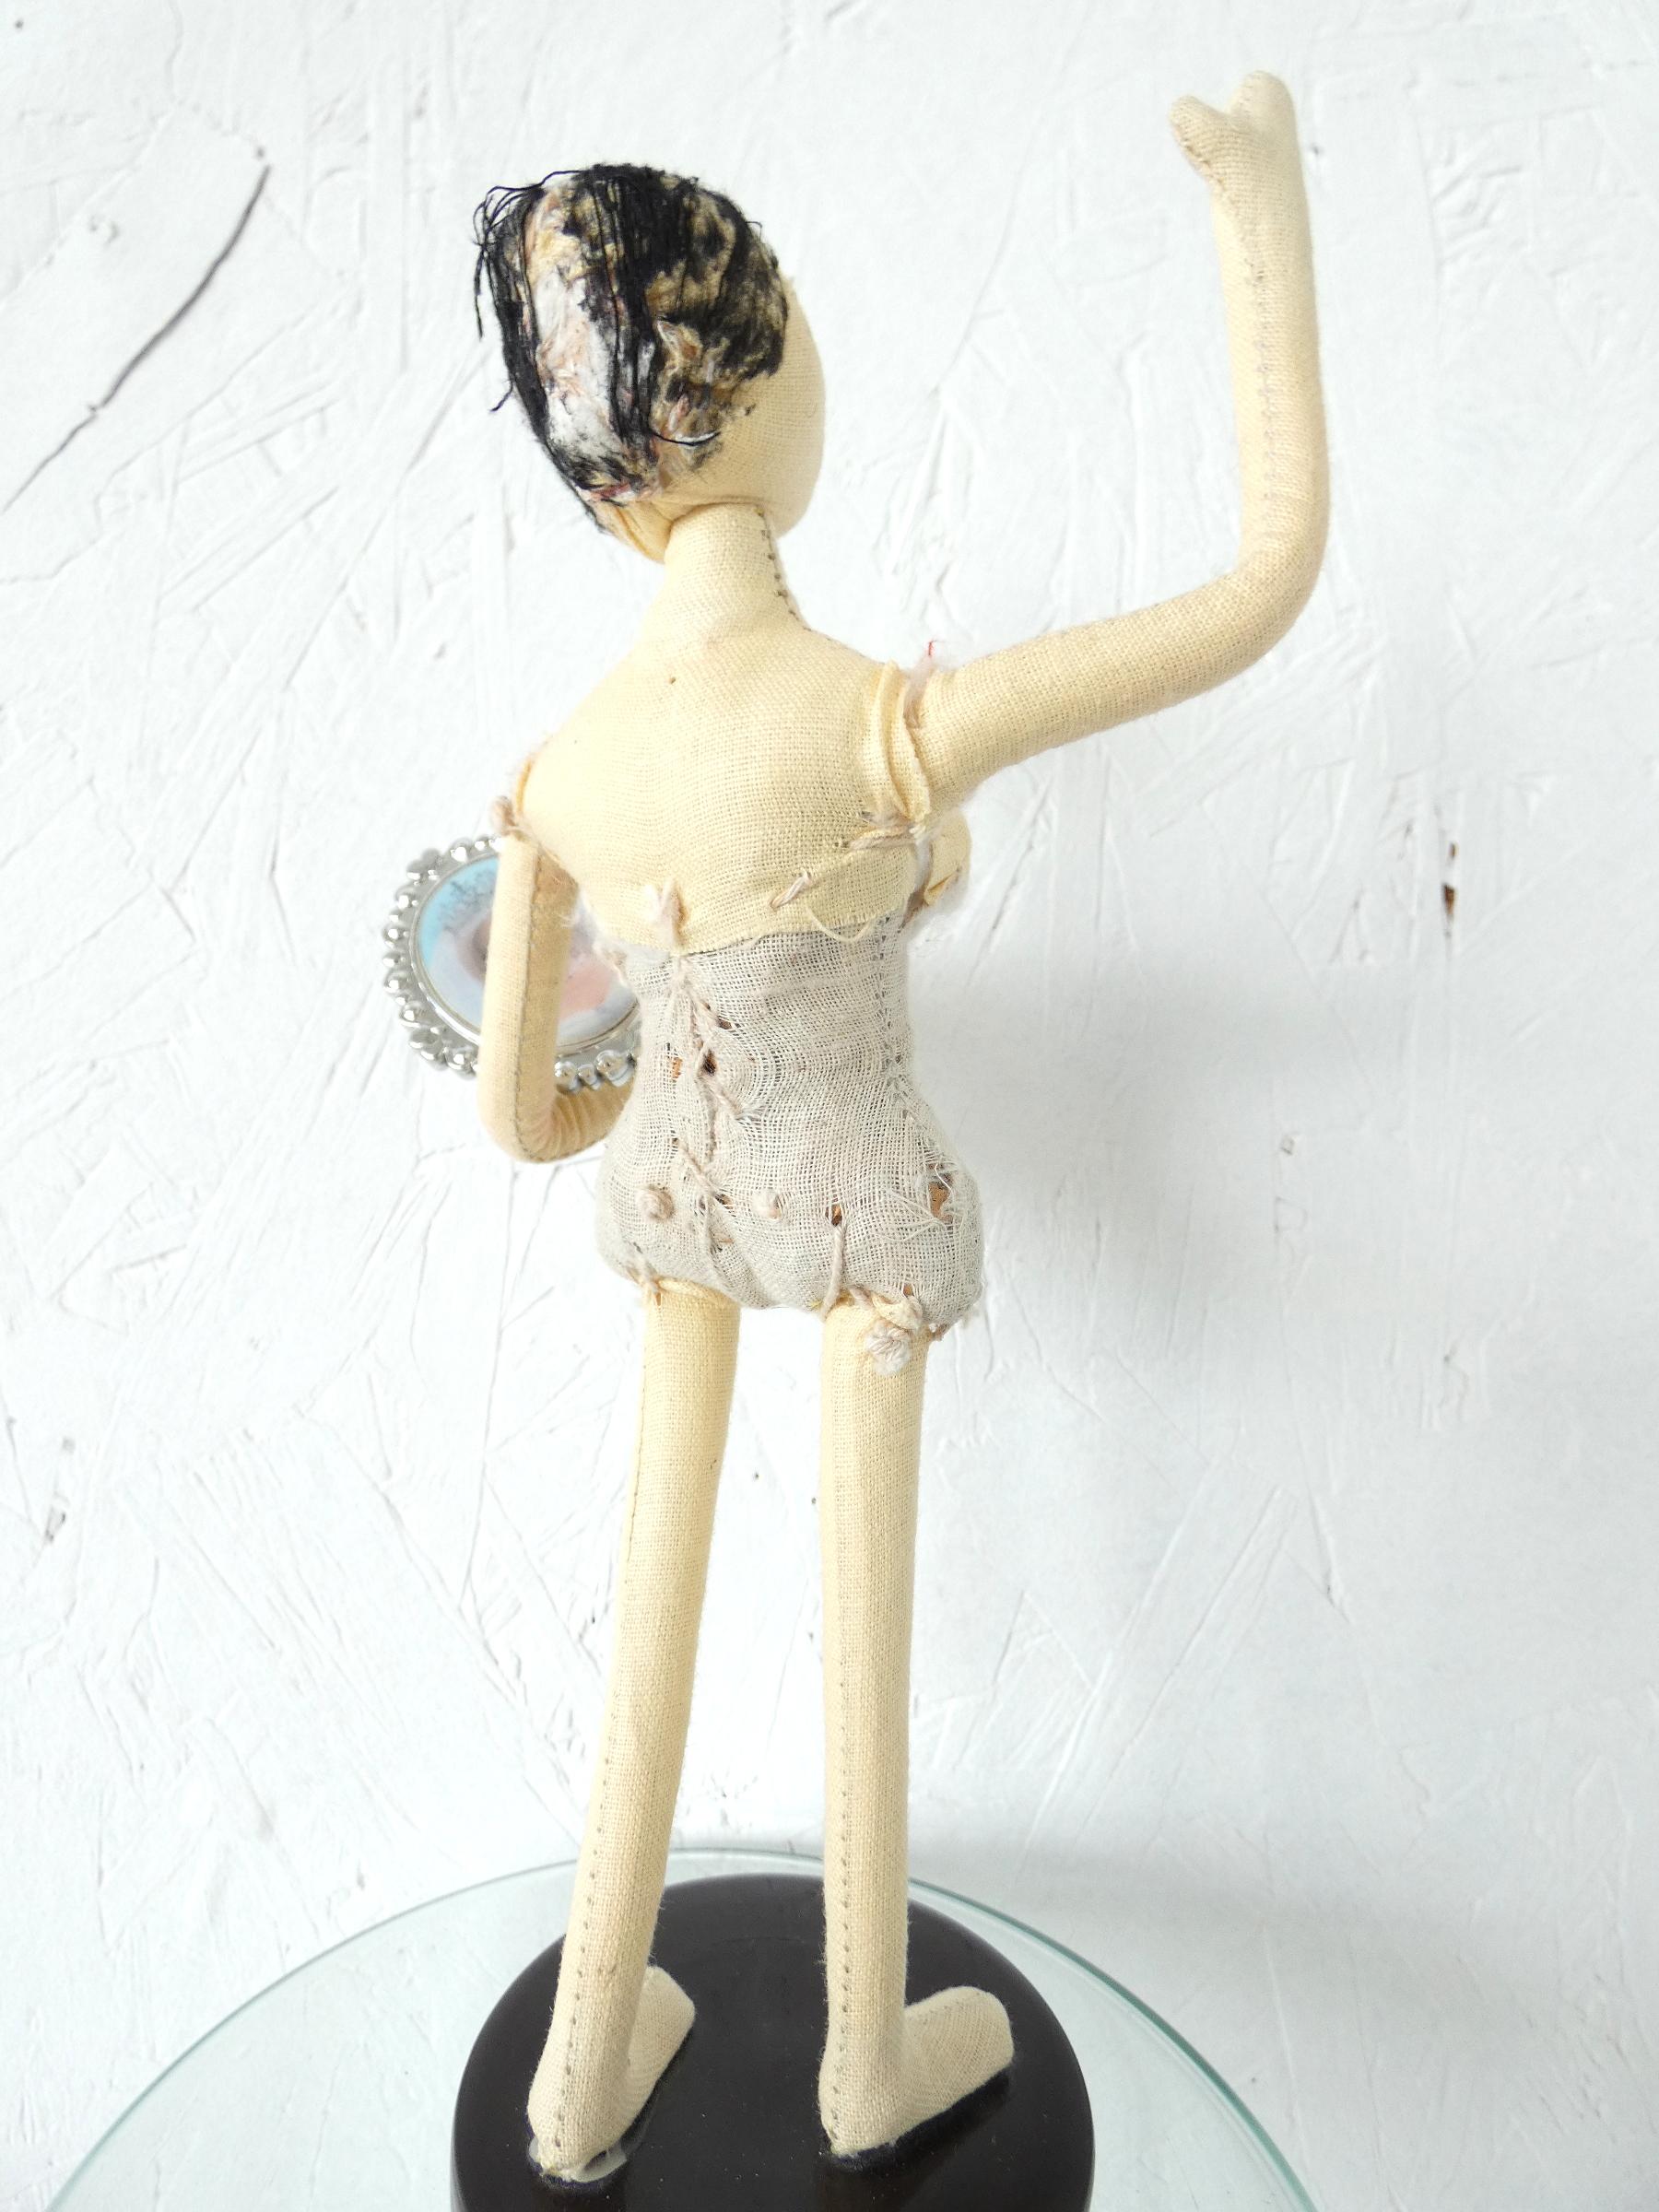 Moeders-Mooiste kunstbeeld, sculptuur, artwork, kunst voor in huis, kunst kopen, dutch artist